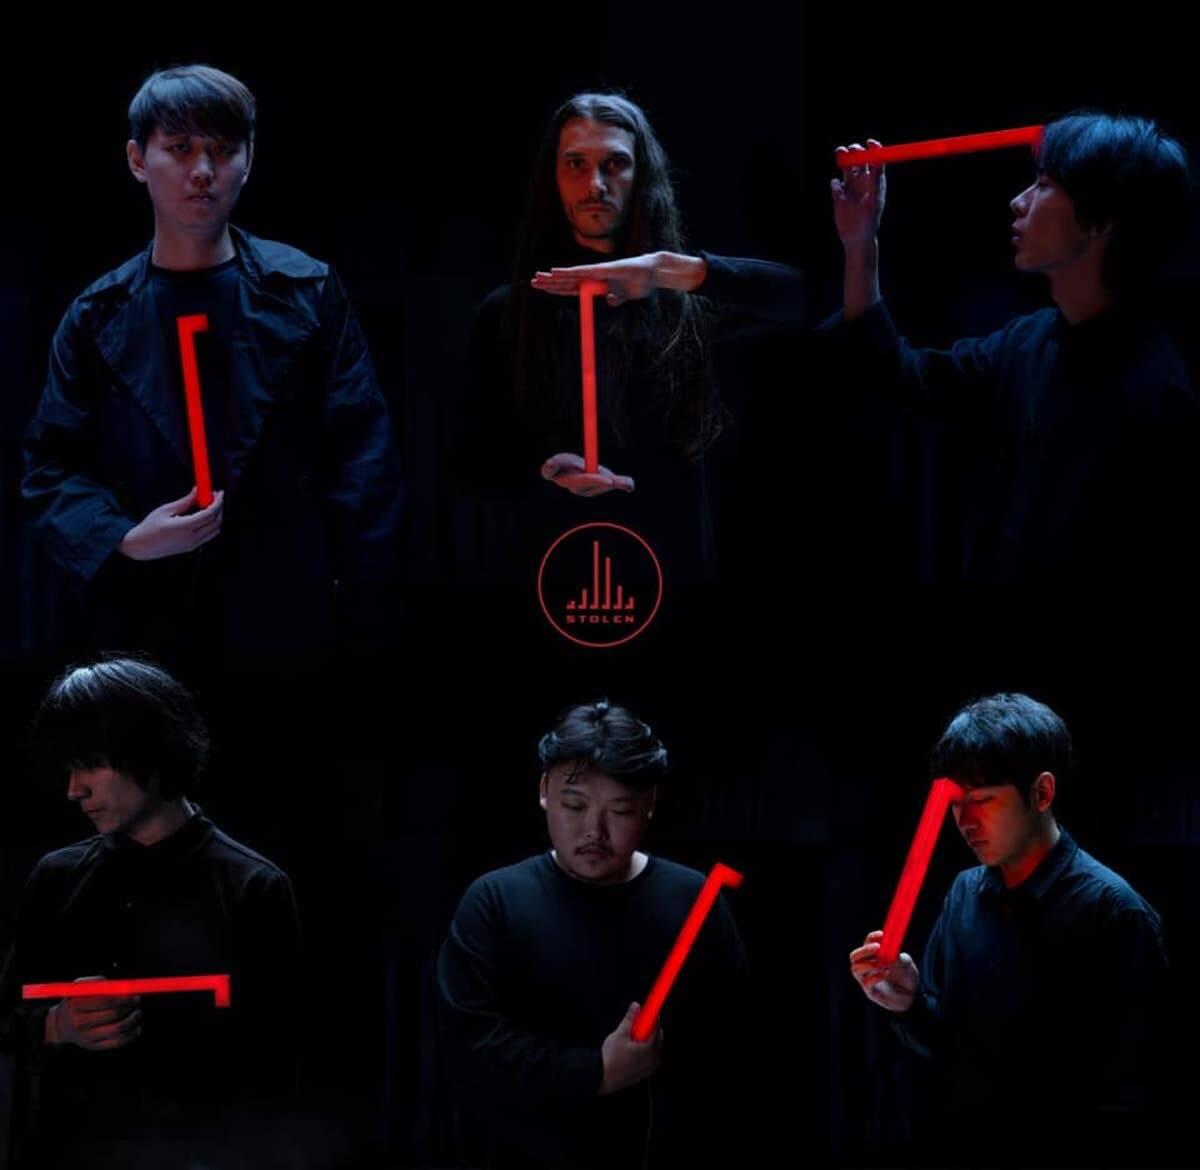 電気グルーヴ・石野卓球も参加|中国の新鋭インディーズバンド・STOLENが日本でアルバムリリース music190607_stolen_main